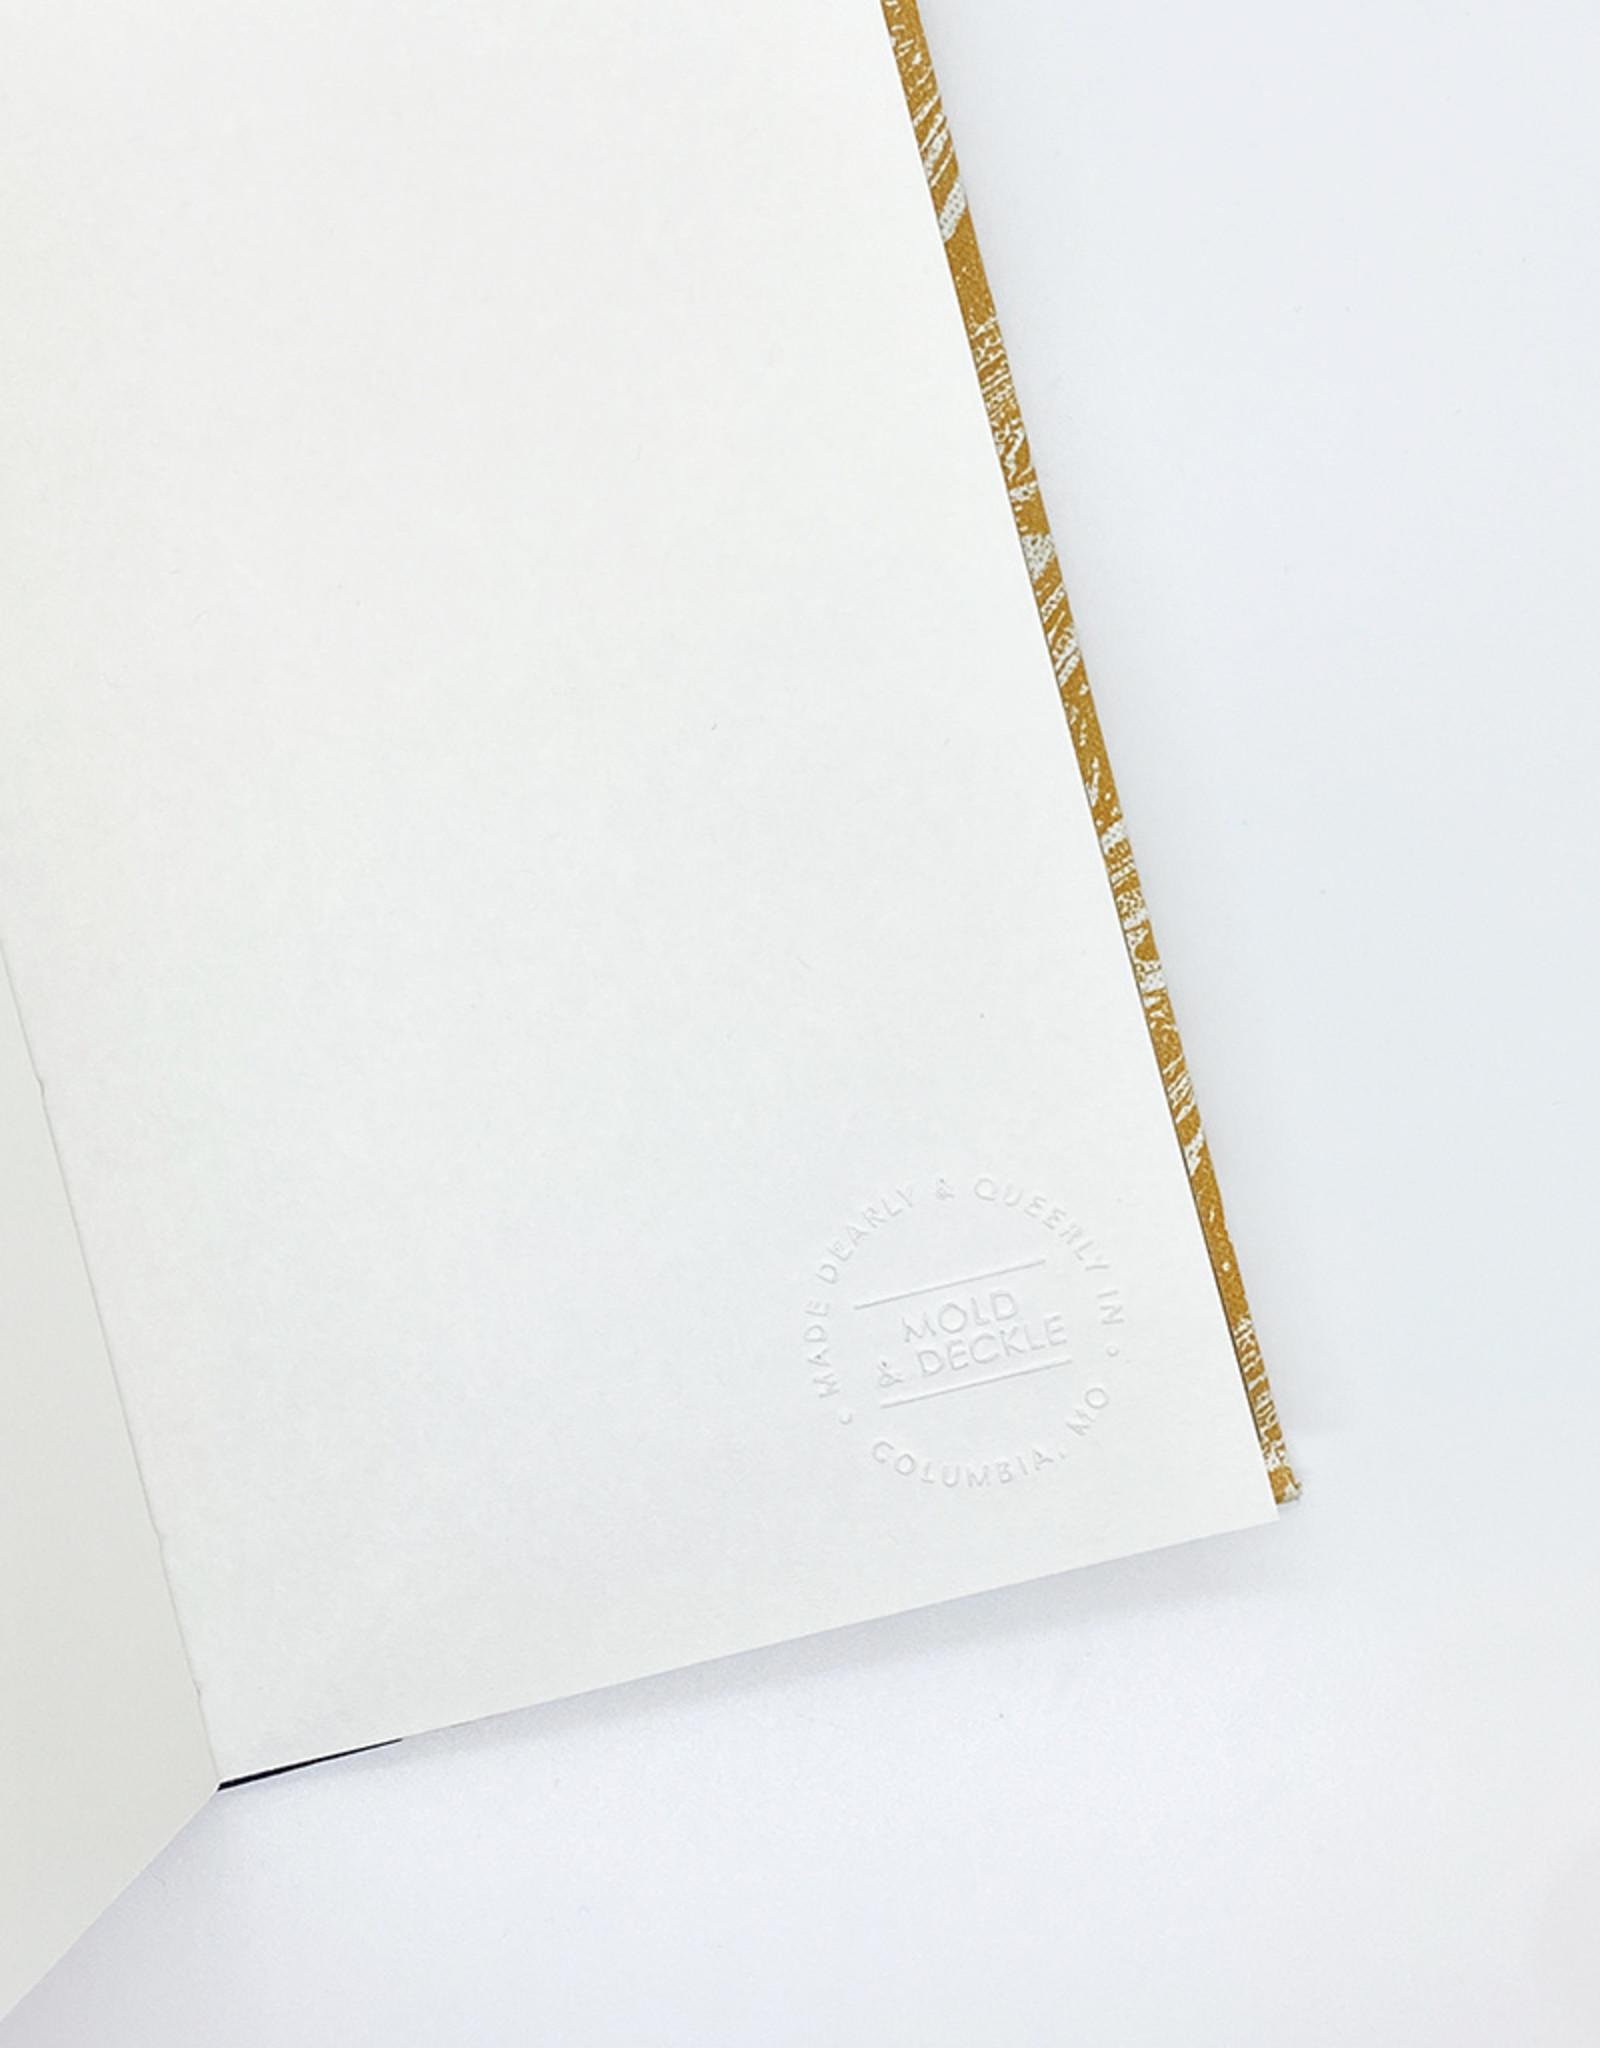 Mold & Deckle Sunshine // Sketch